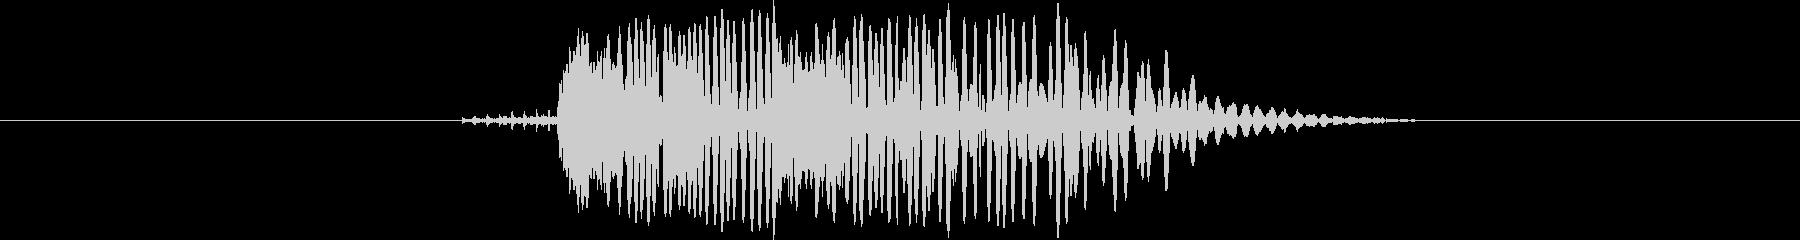 ガコン(シーンチェンジ音)の未再生の波形